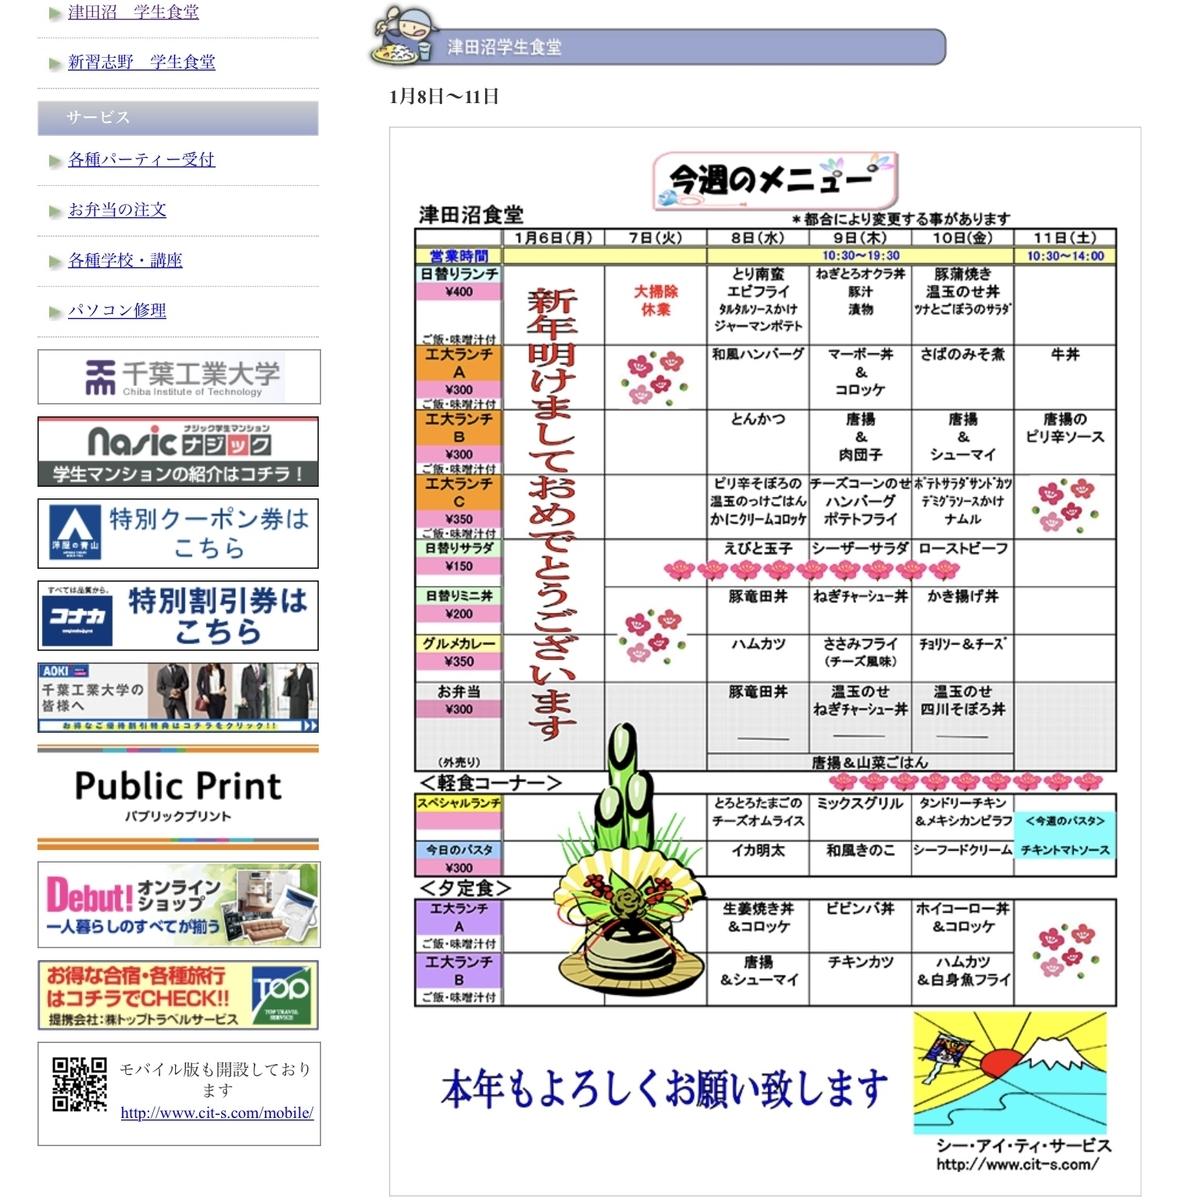 f:id:yumeusagiyukiusagi:20200109140649j:plain